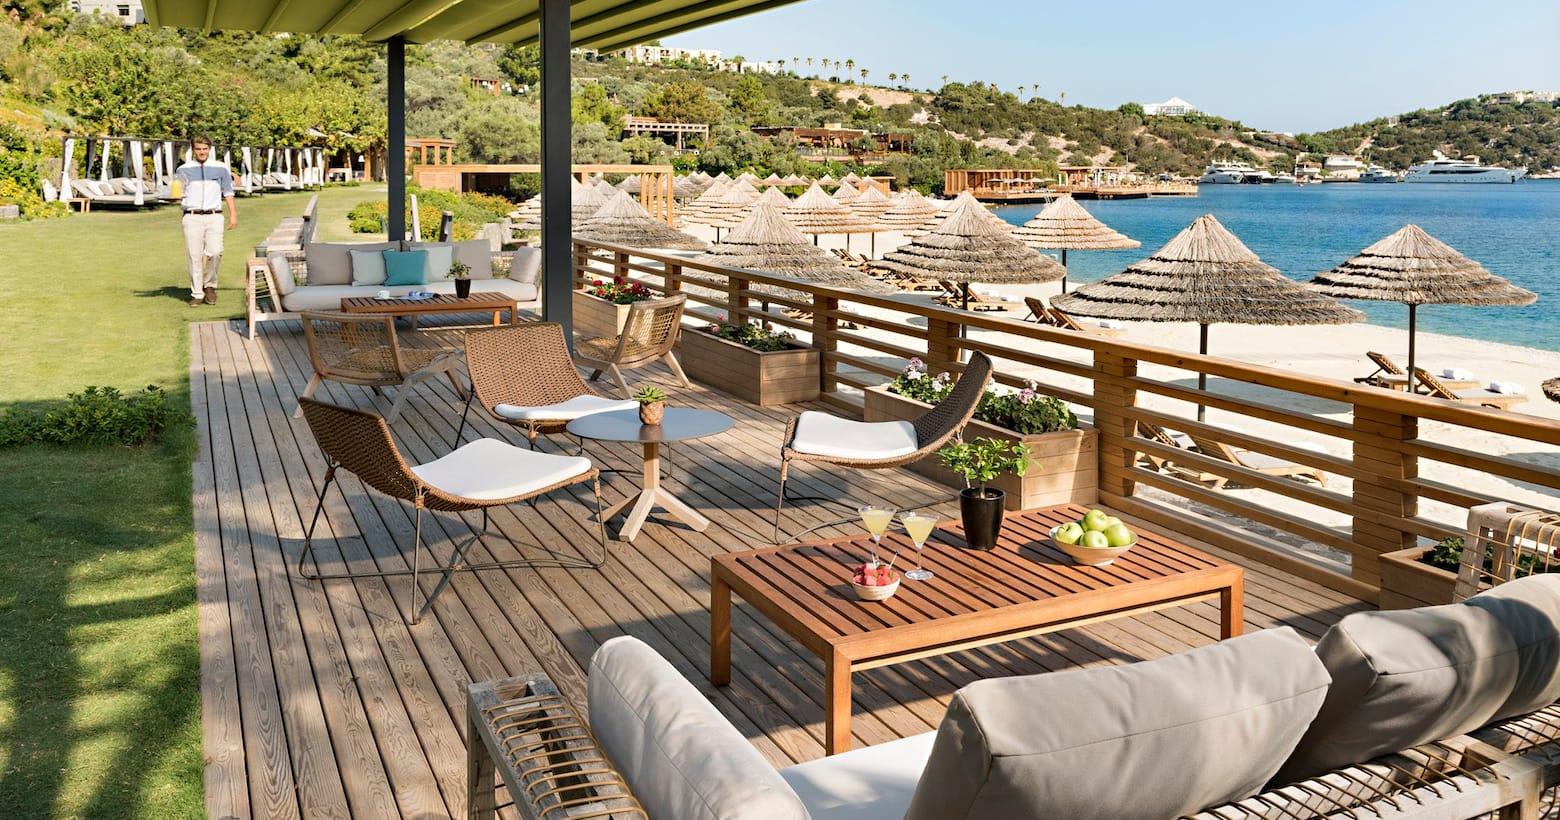 Blue Beach Club & Bar